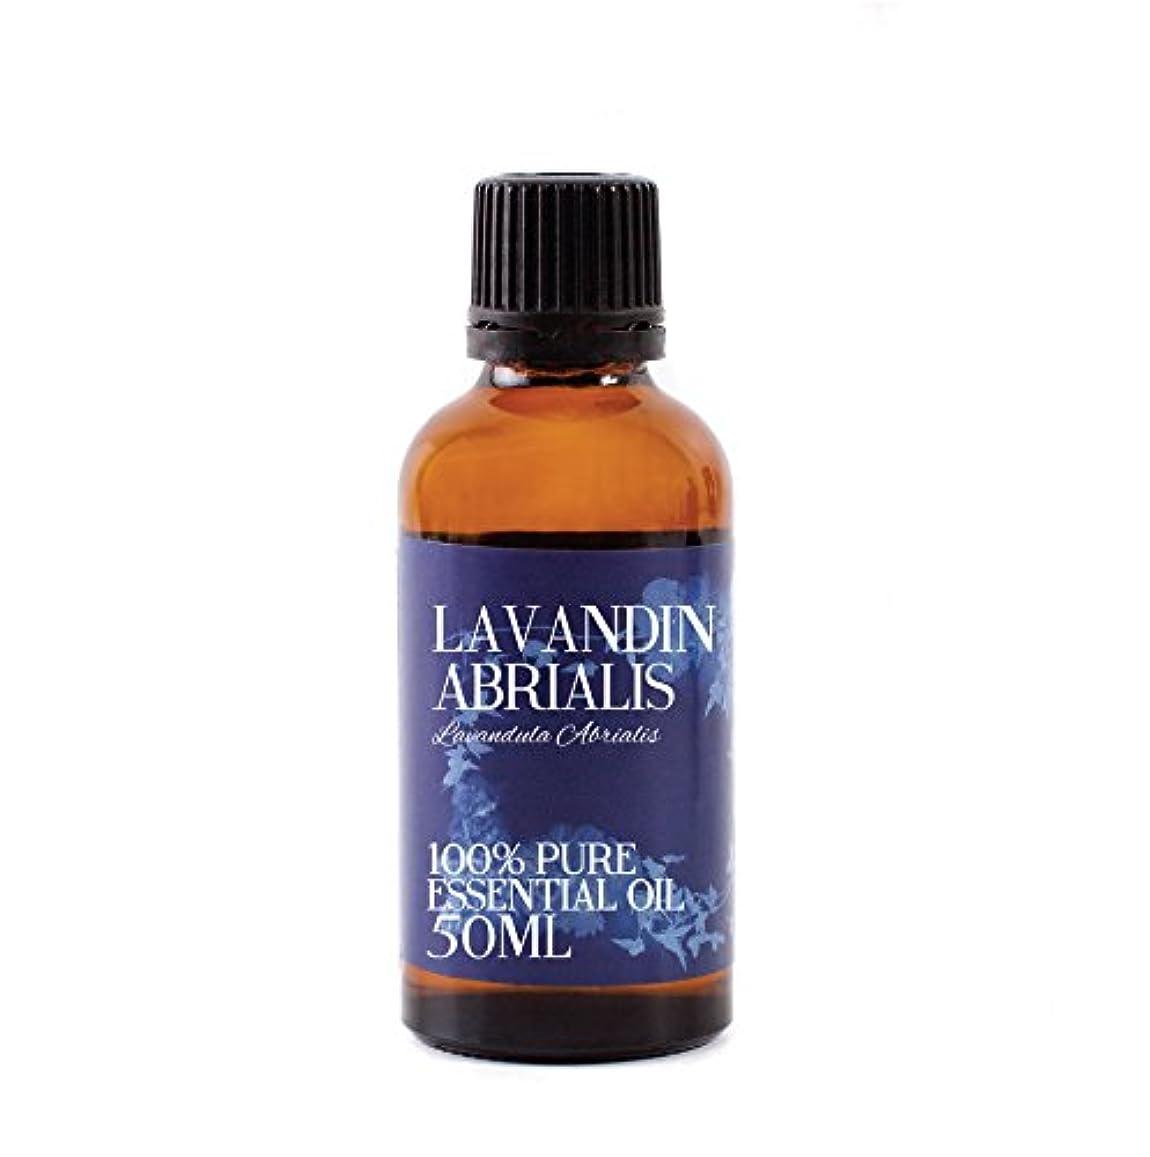 賞時間とともに陸軍Mystic Moments   Lavandin Abrialis Essential Oil - 50ml - 100% Pure